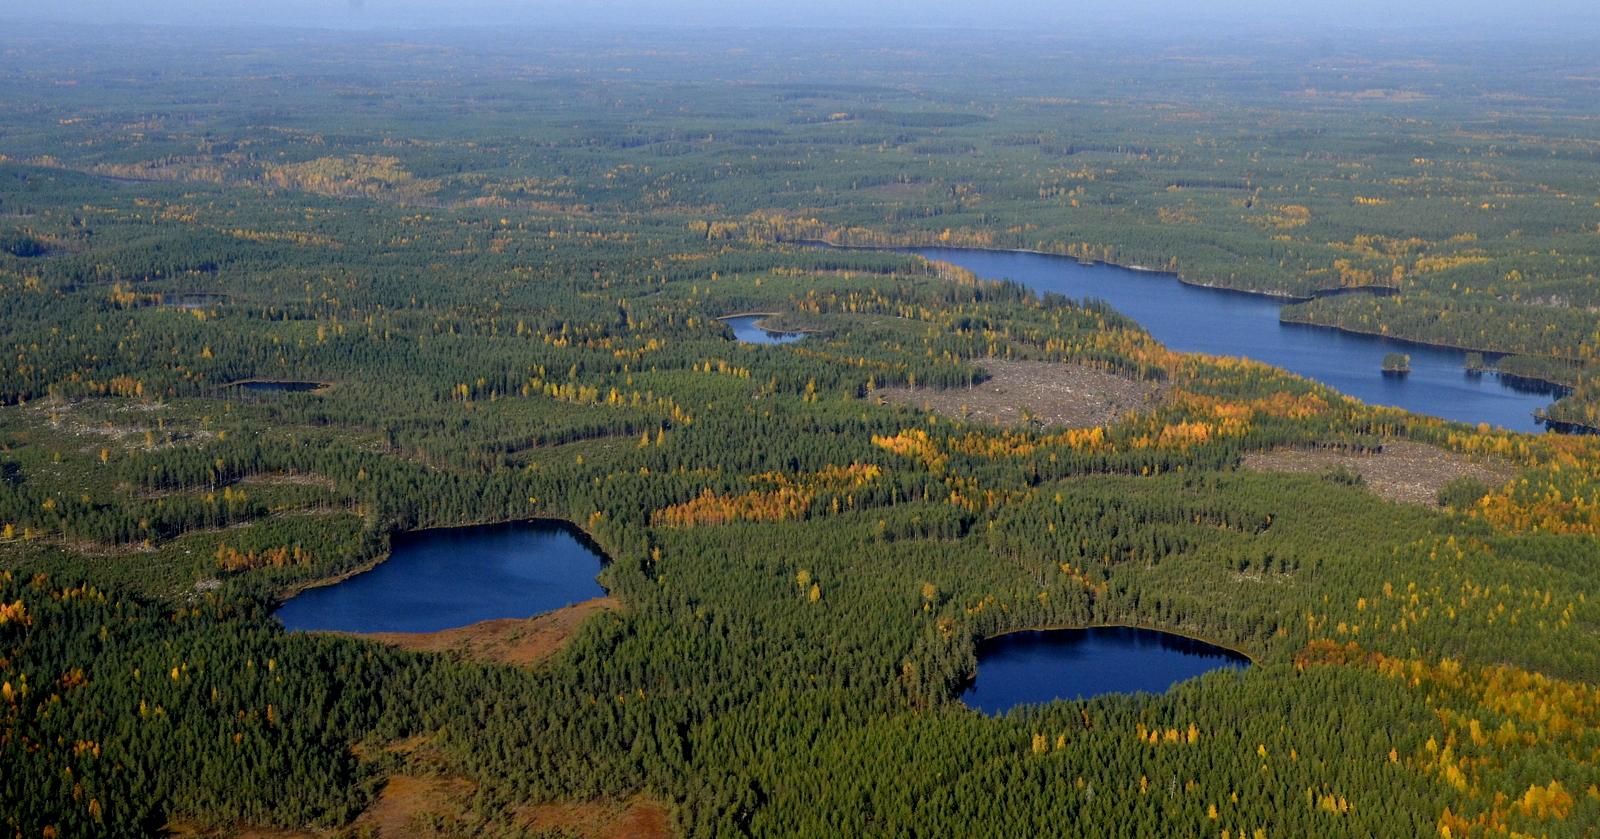 Nyt ollaan voimaloiden alueella. Vasemmalla Nuottanen, siitä oikealla Ahveninen ja pitkulainen Ylimmäinen Vuorijärvi.